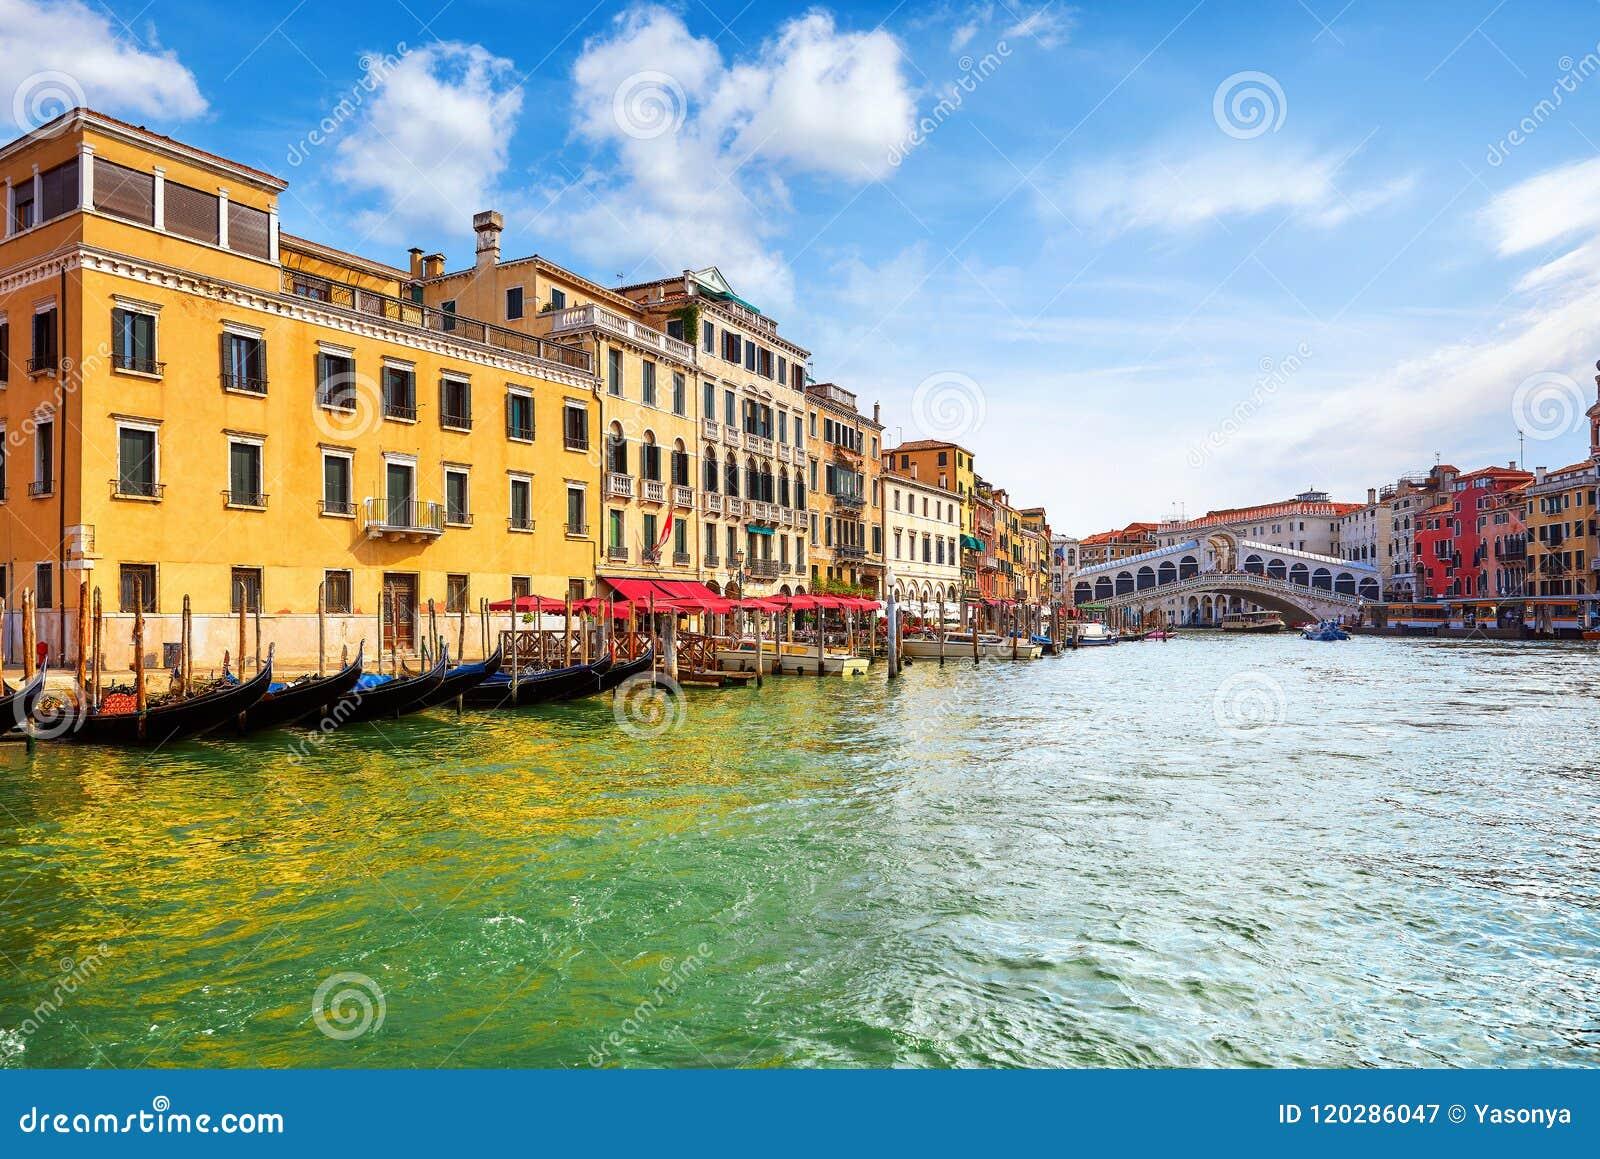 Venise, Italie Gondoles sur la Manche grande Vue de panorama au pont de Rialto piliers